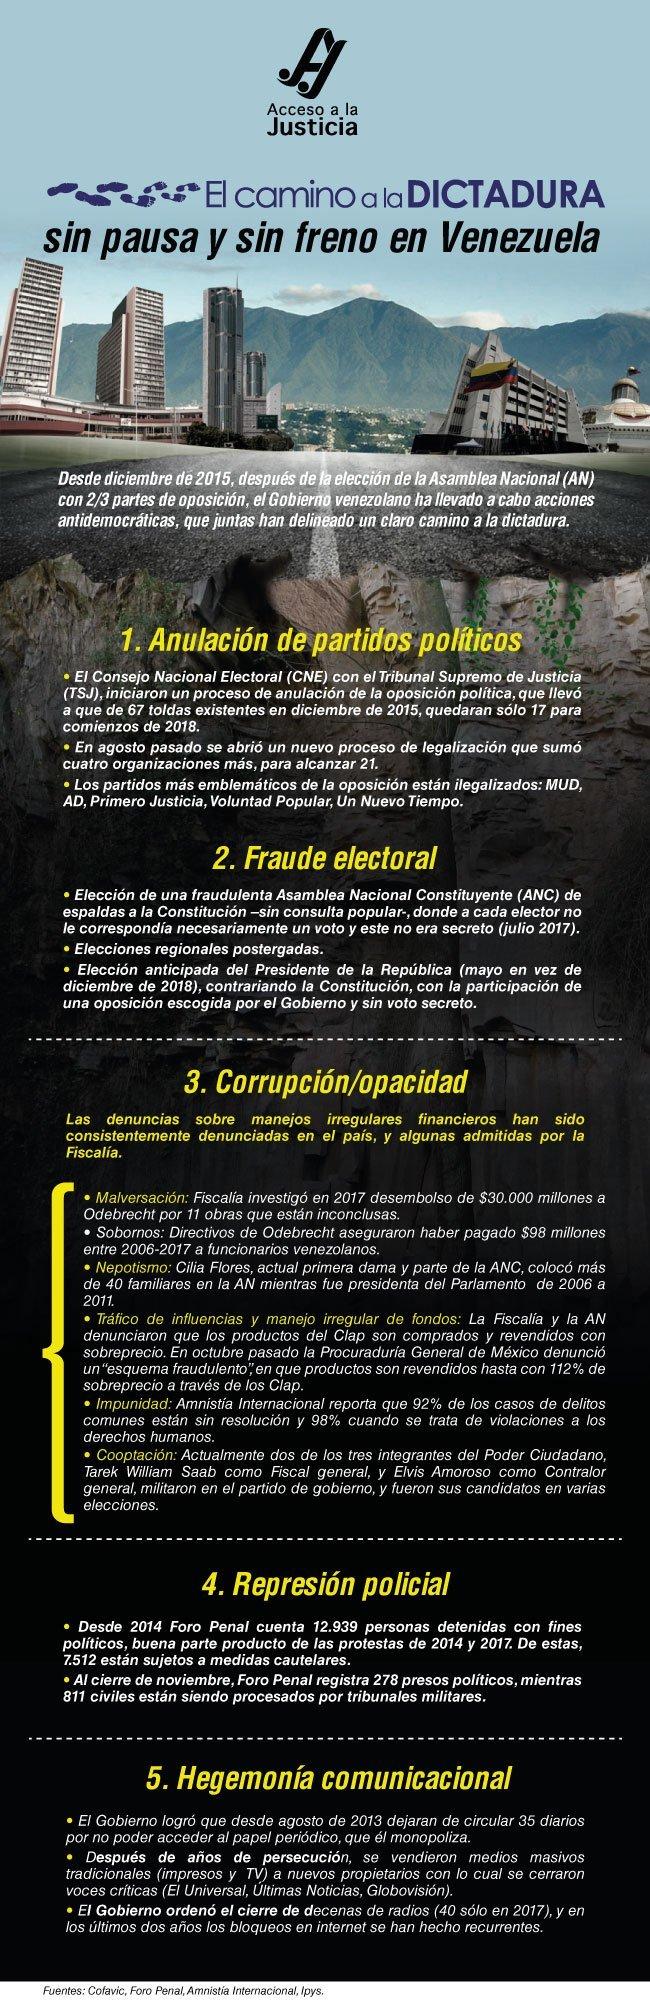 Hechos que cimentaron la dictadura en Venezuela